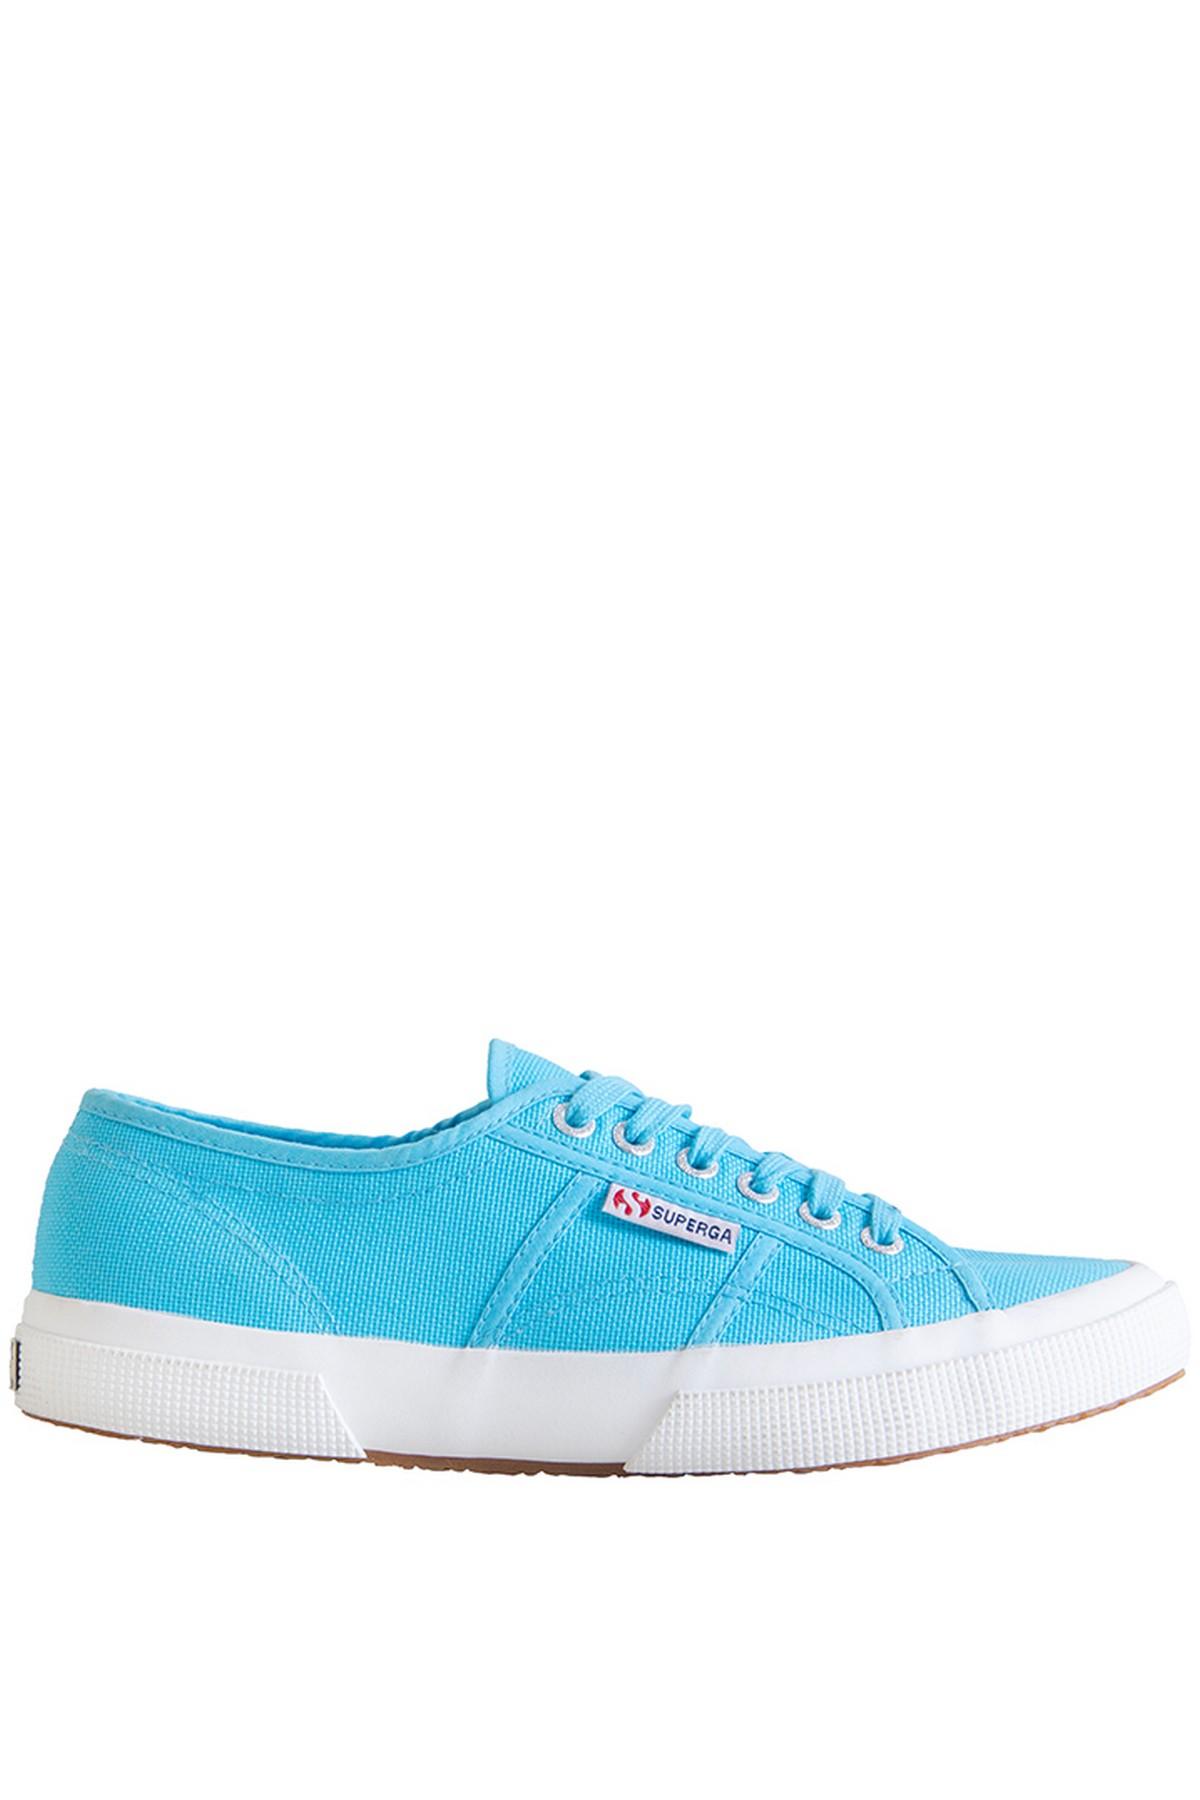 Superga Kadın Ayakkabı 2750 - Cotu Classic Turkuaz Renk (S000010-C56)